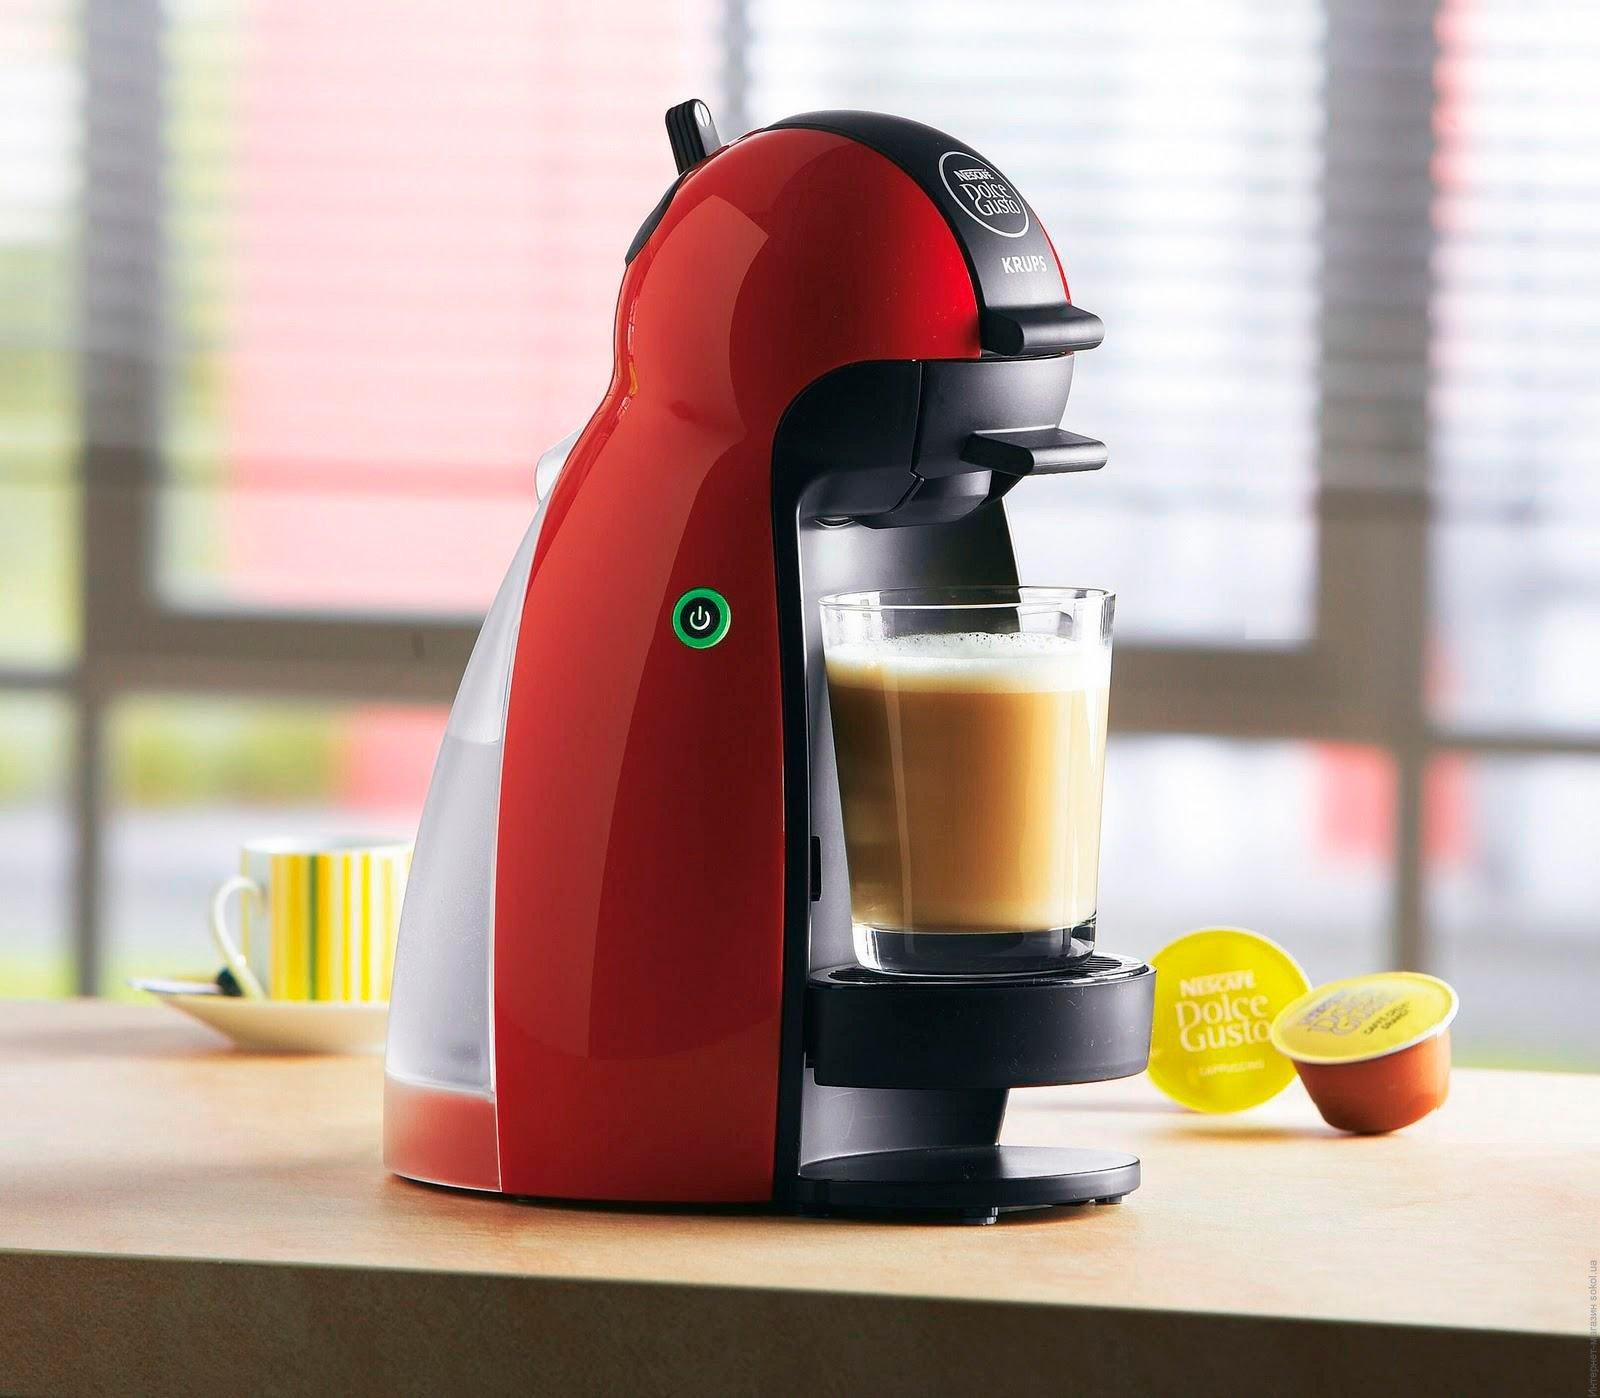 фото кофемашины для капсул с кофе